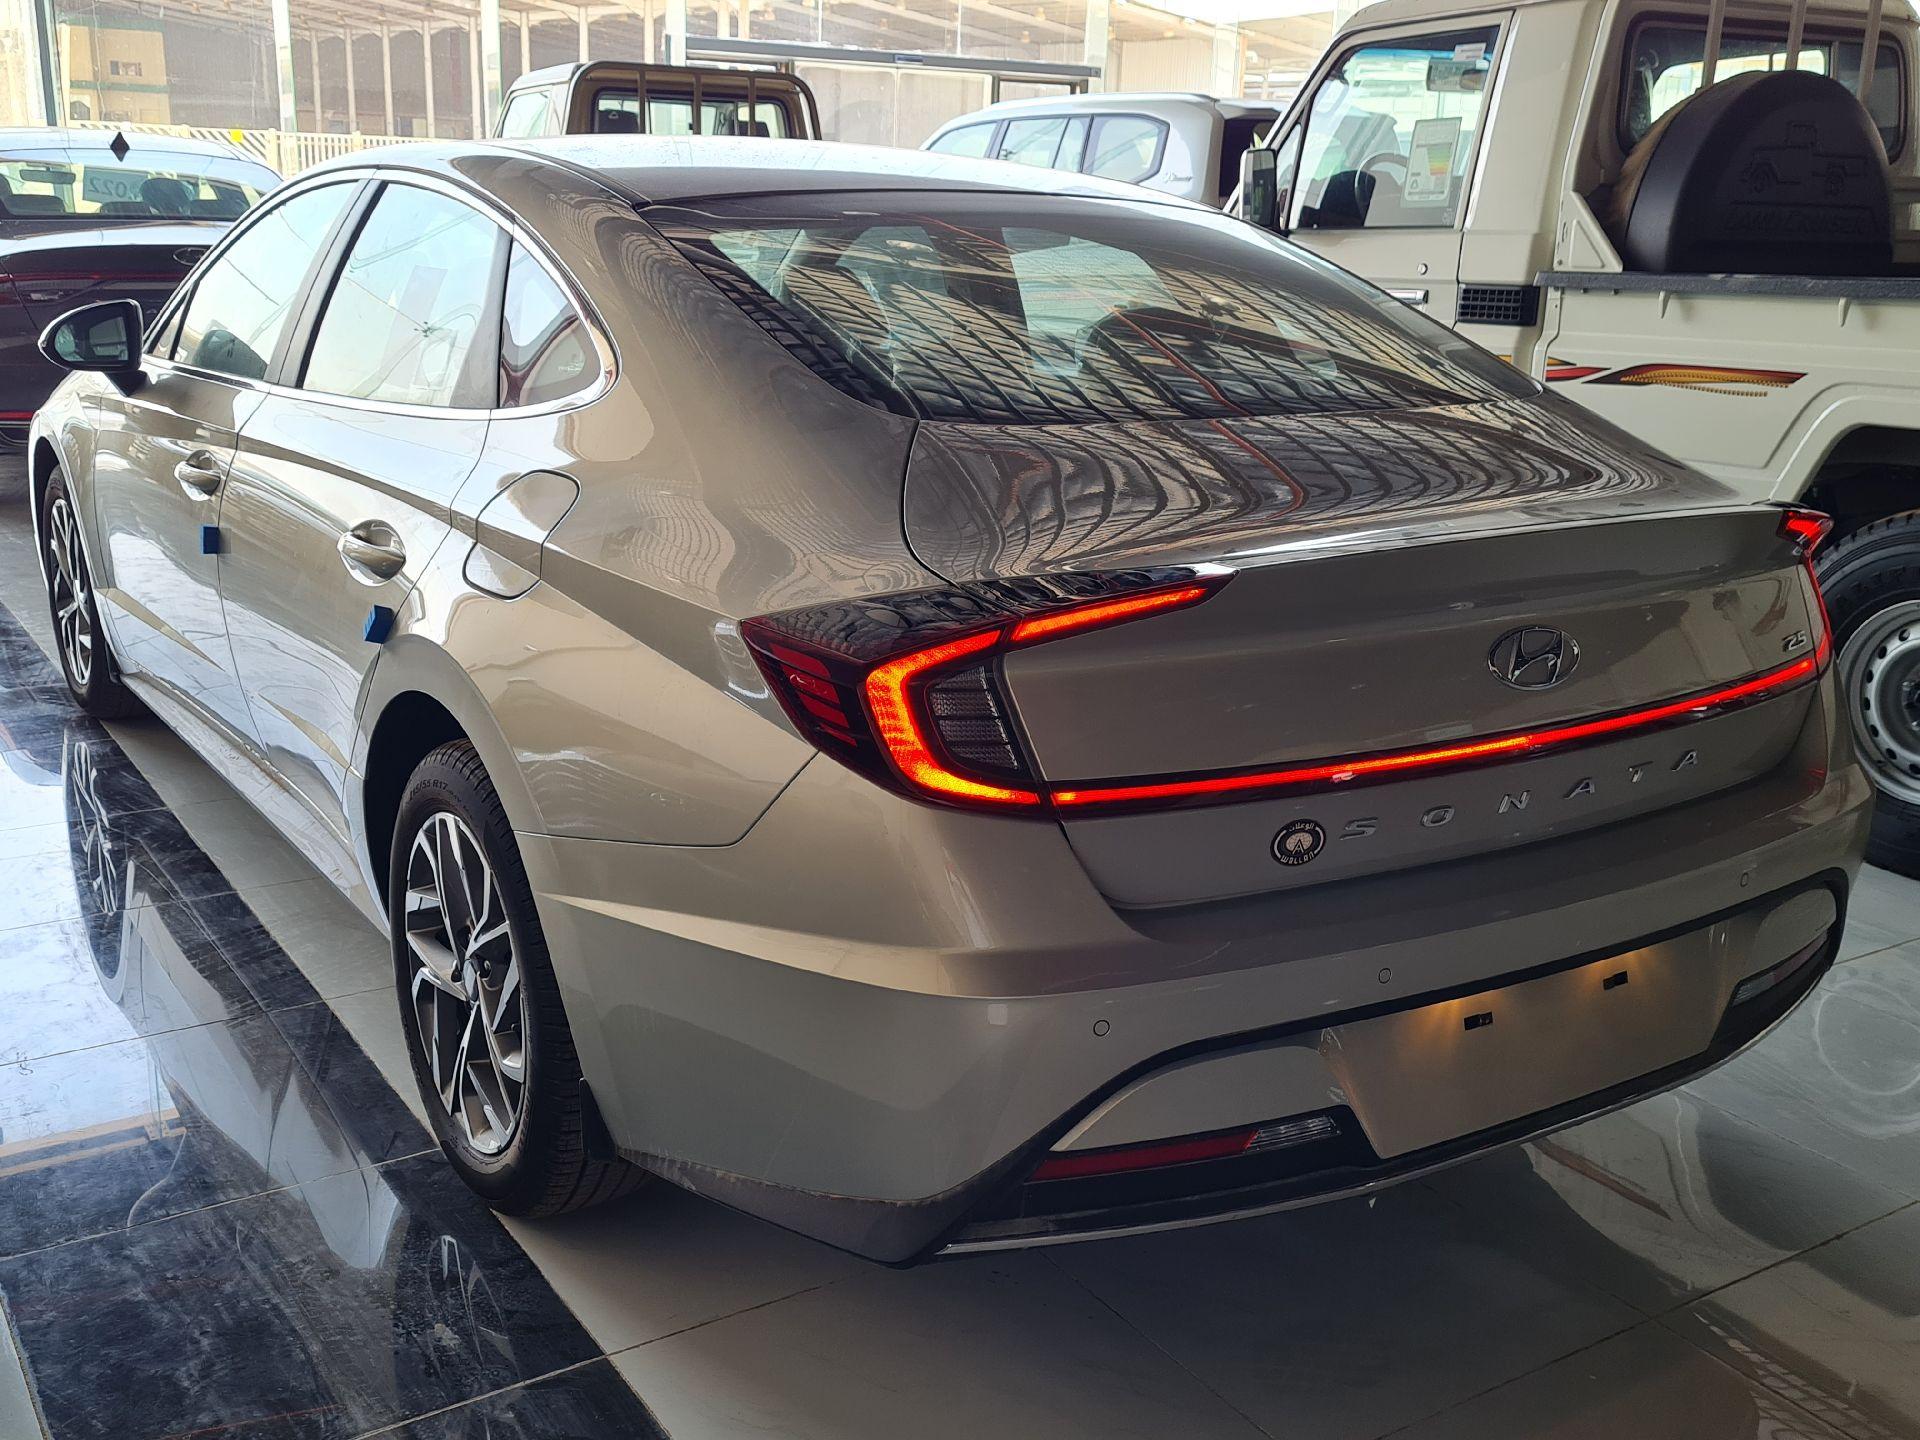 هونداي سوناتا GL 2021 فليت ستاندر سعودي للبيع في الرياض - السعودية - صورة كبيرة - 5